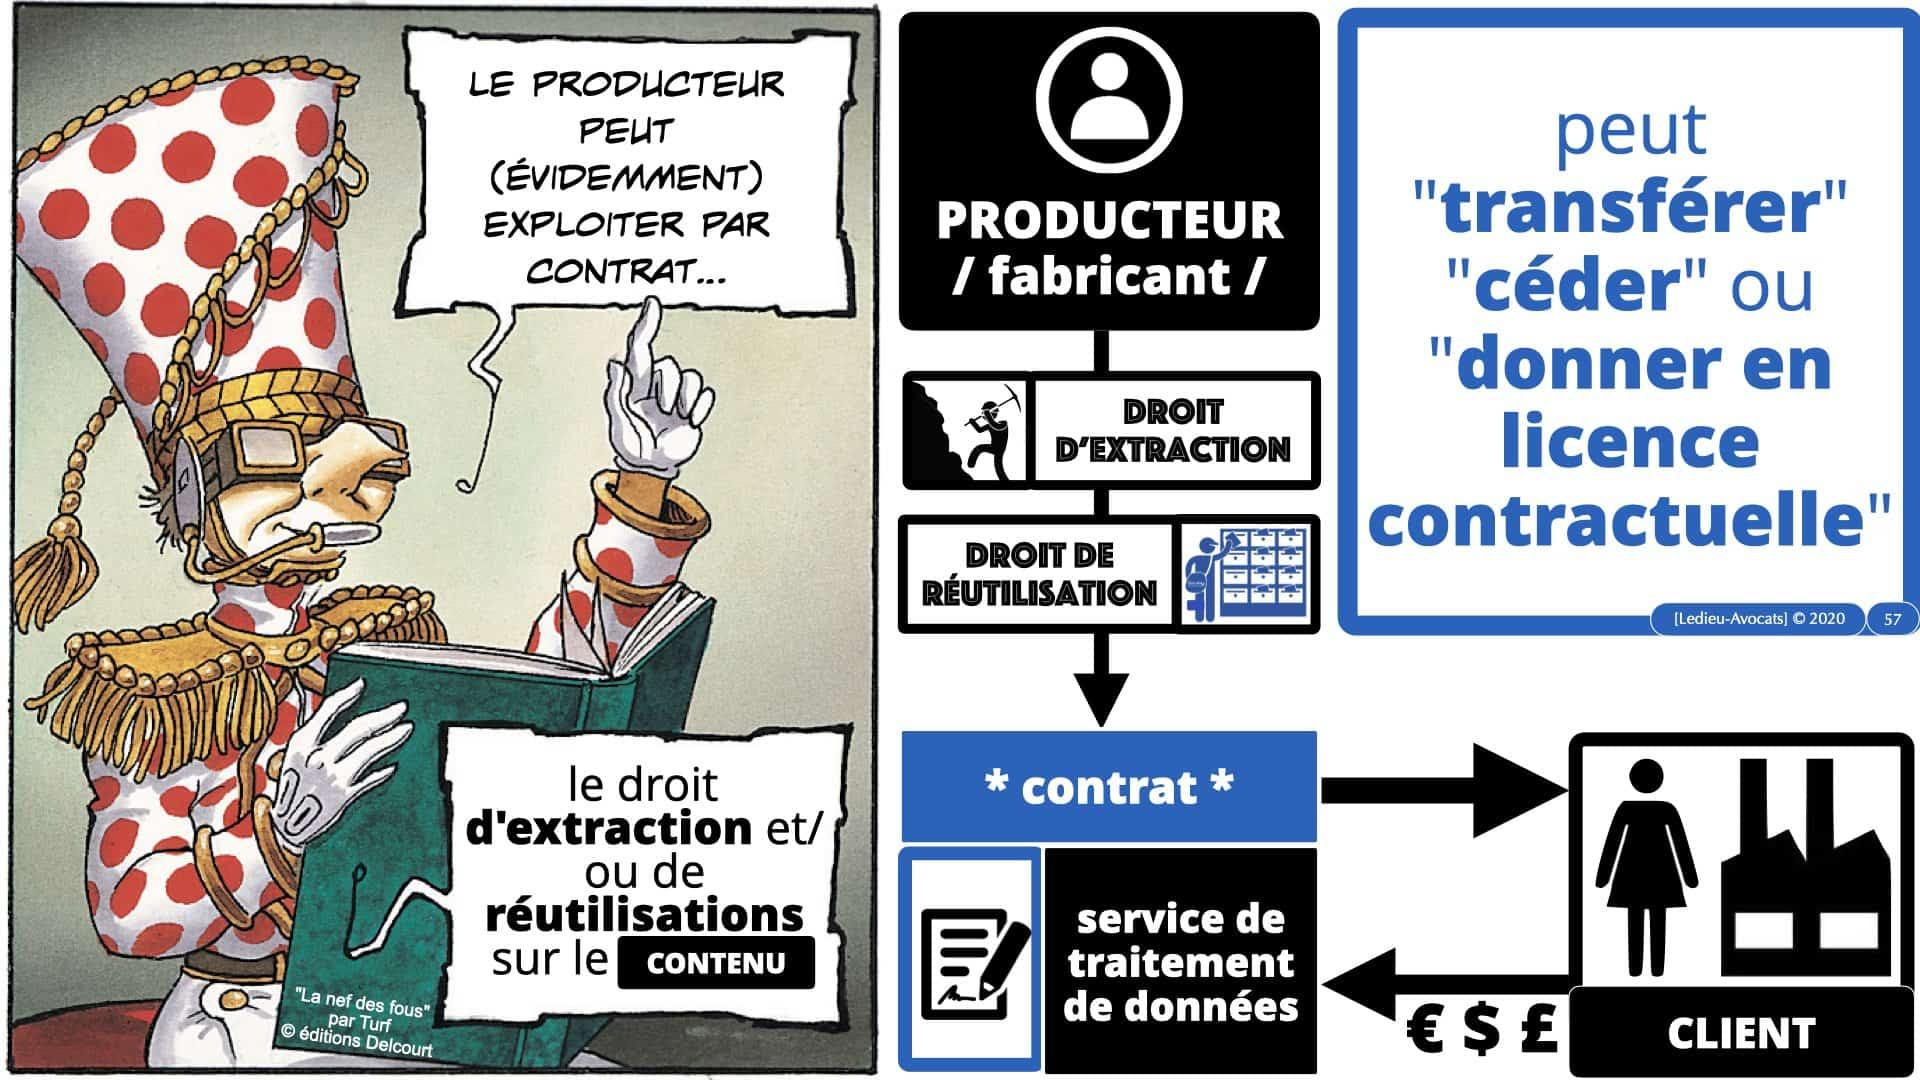 314 PRO BTP © Ledieu-avocat 03-12-2020.057